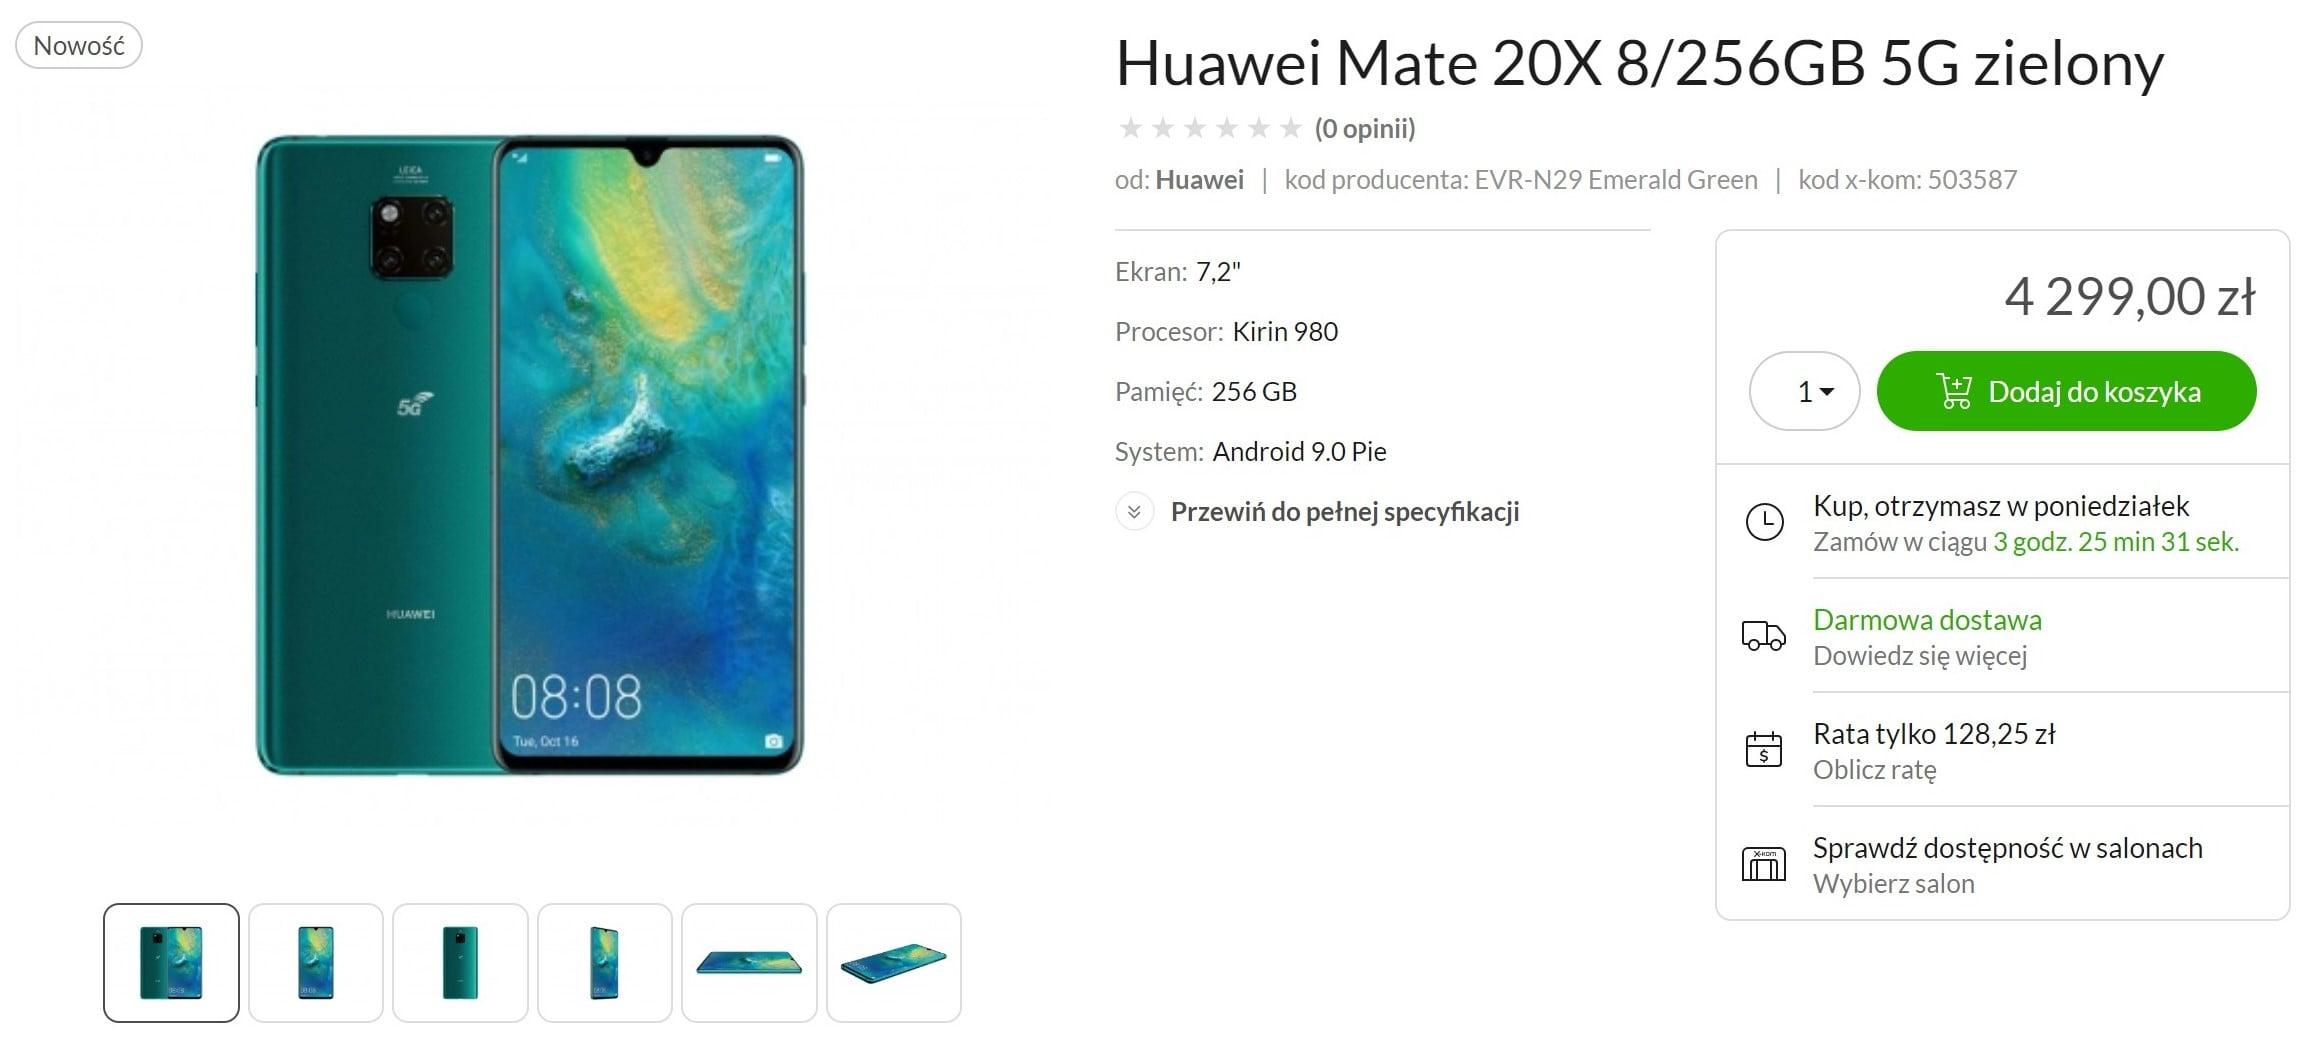 Pierwszy smartfon z 5G w Polsce już do kupienia - Huawei Mate 20 X 5G